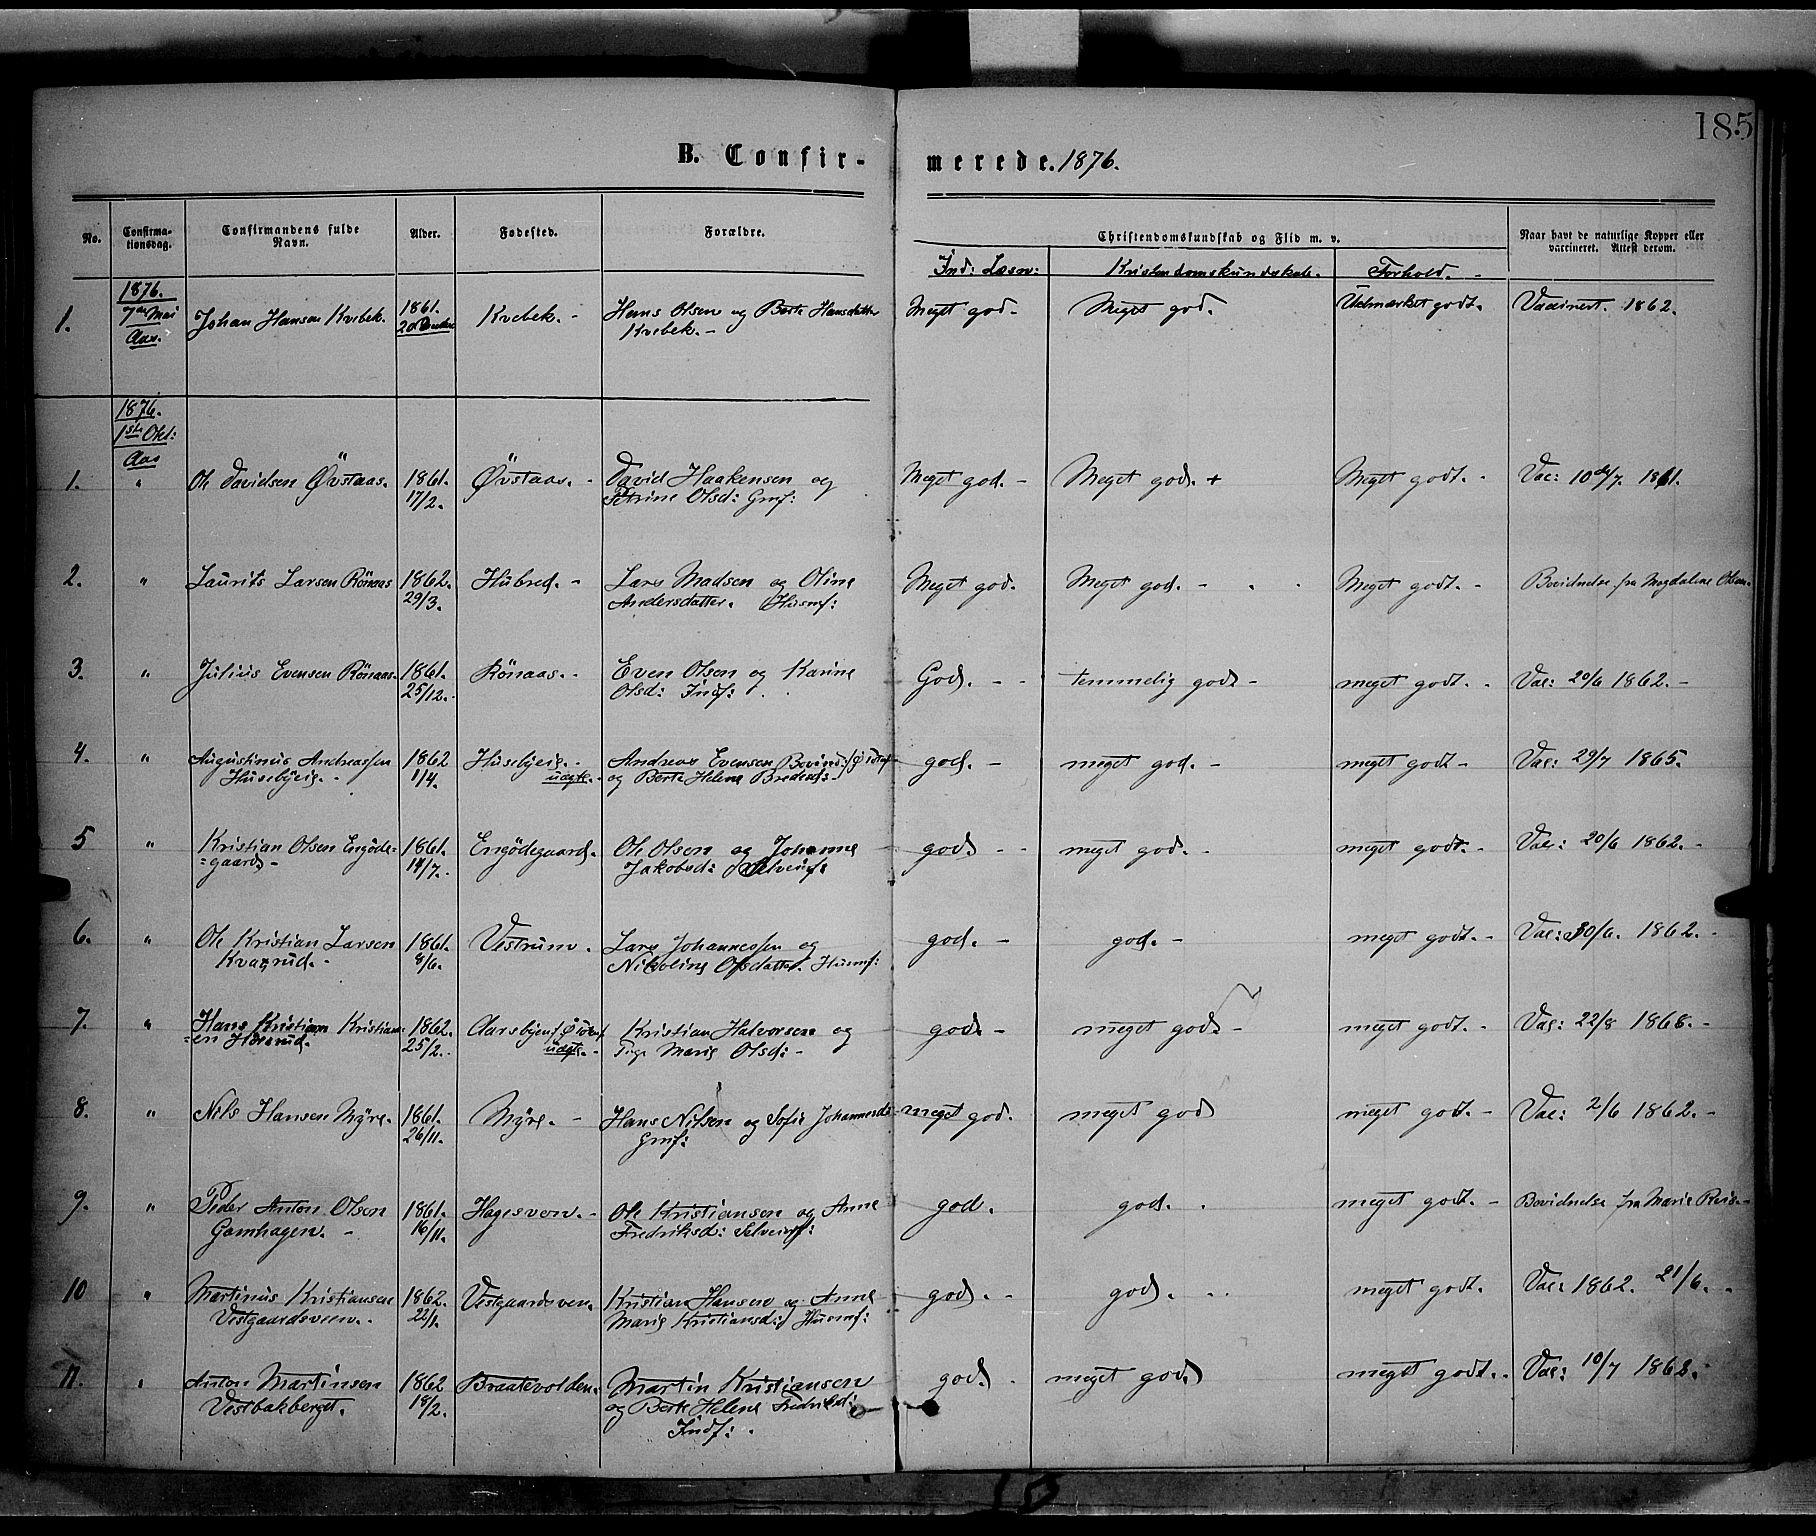 SAH, Vestre Toten prestekontor, Ministerialbok nr. 8, 1870-1877, s. 185